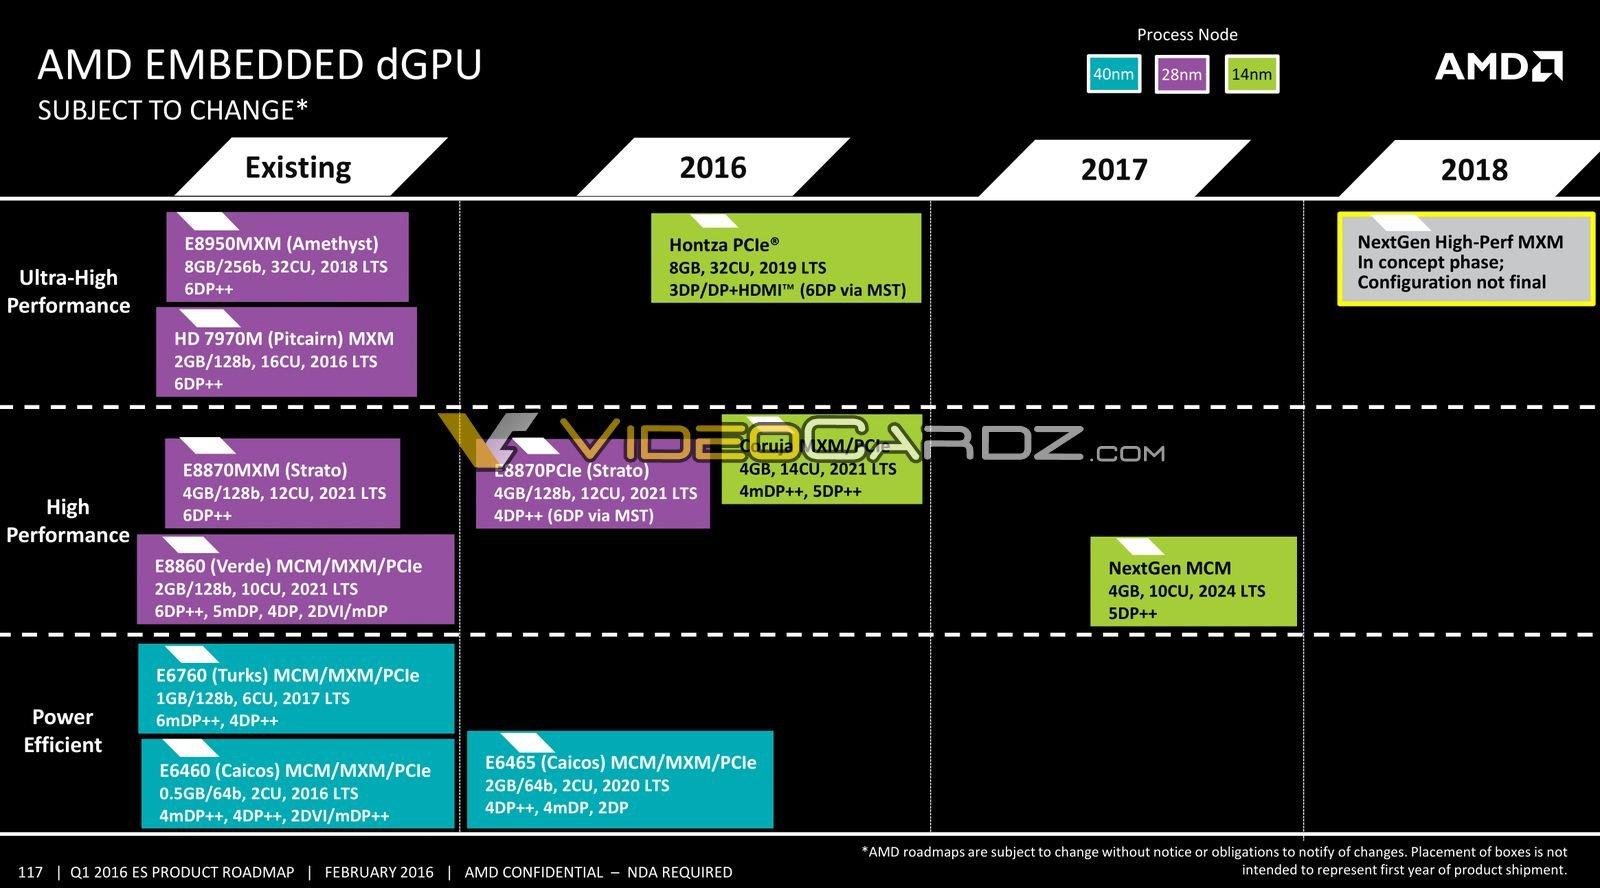 AMD Embedded dGPU